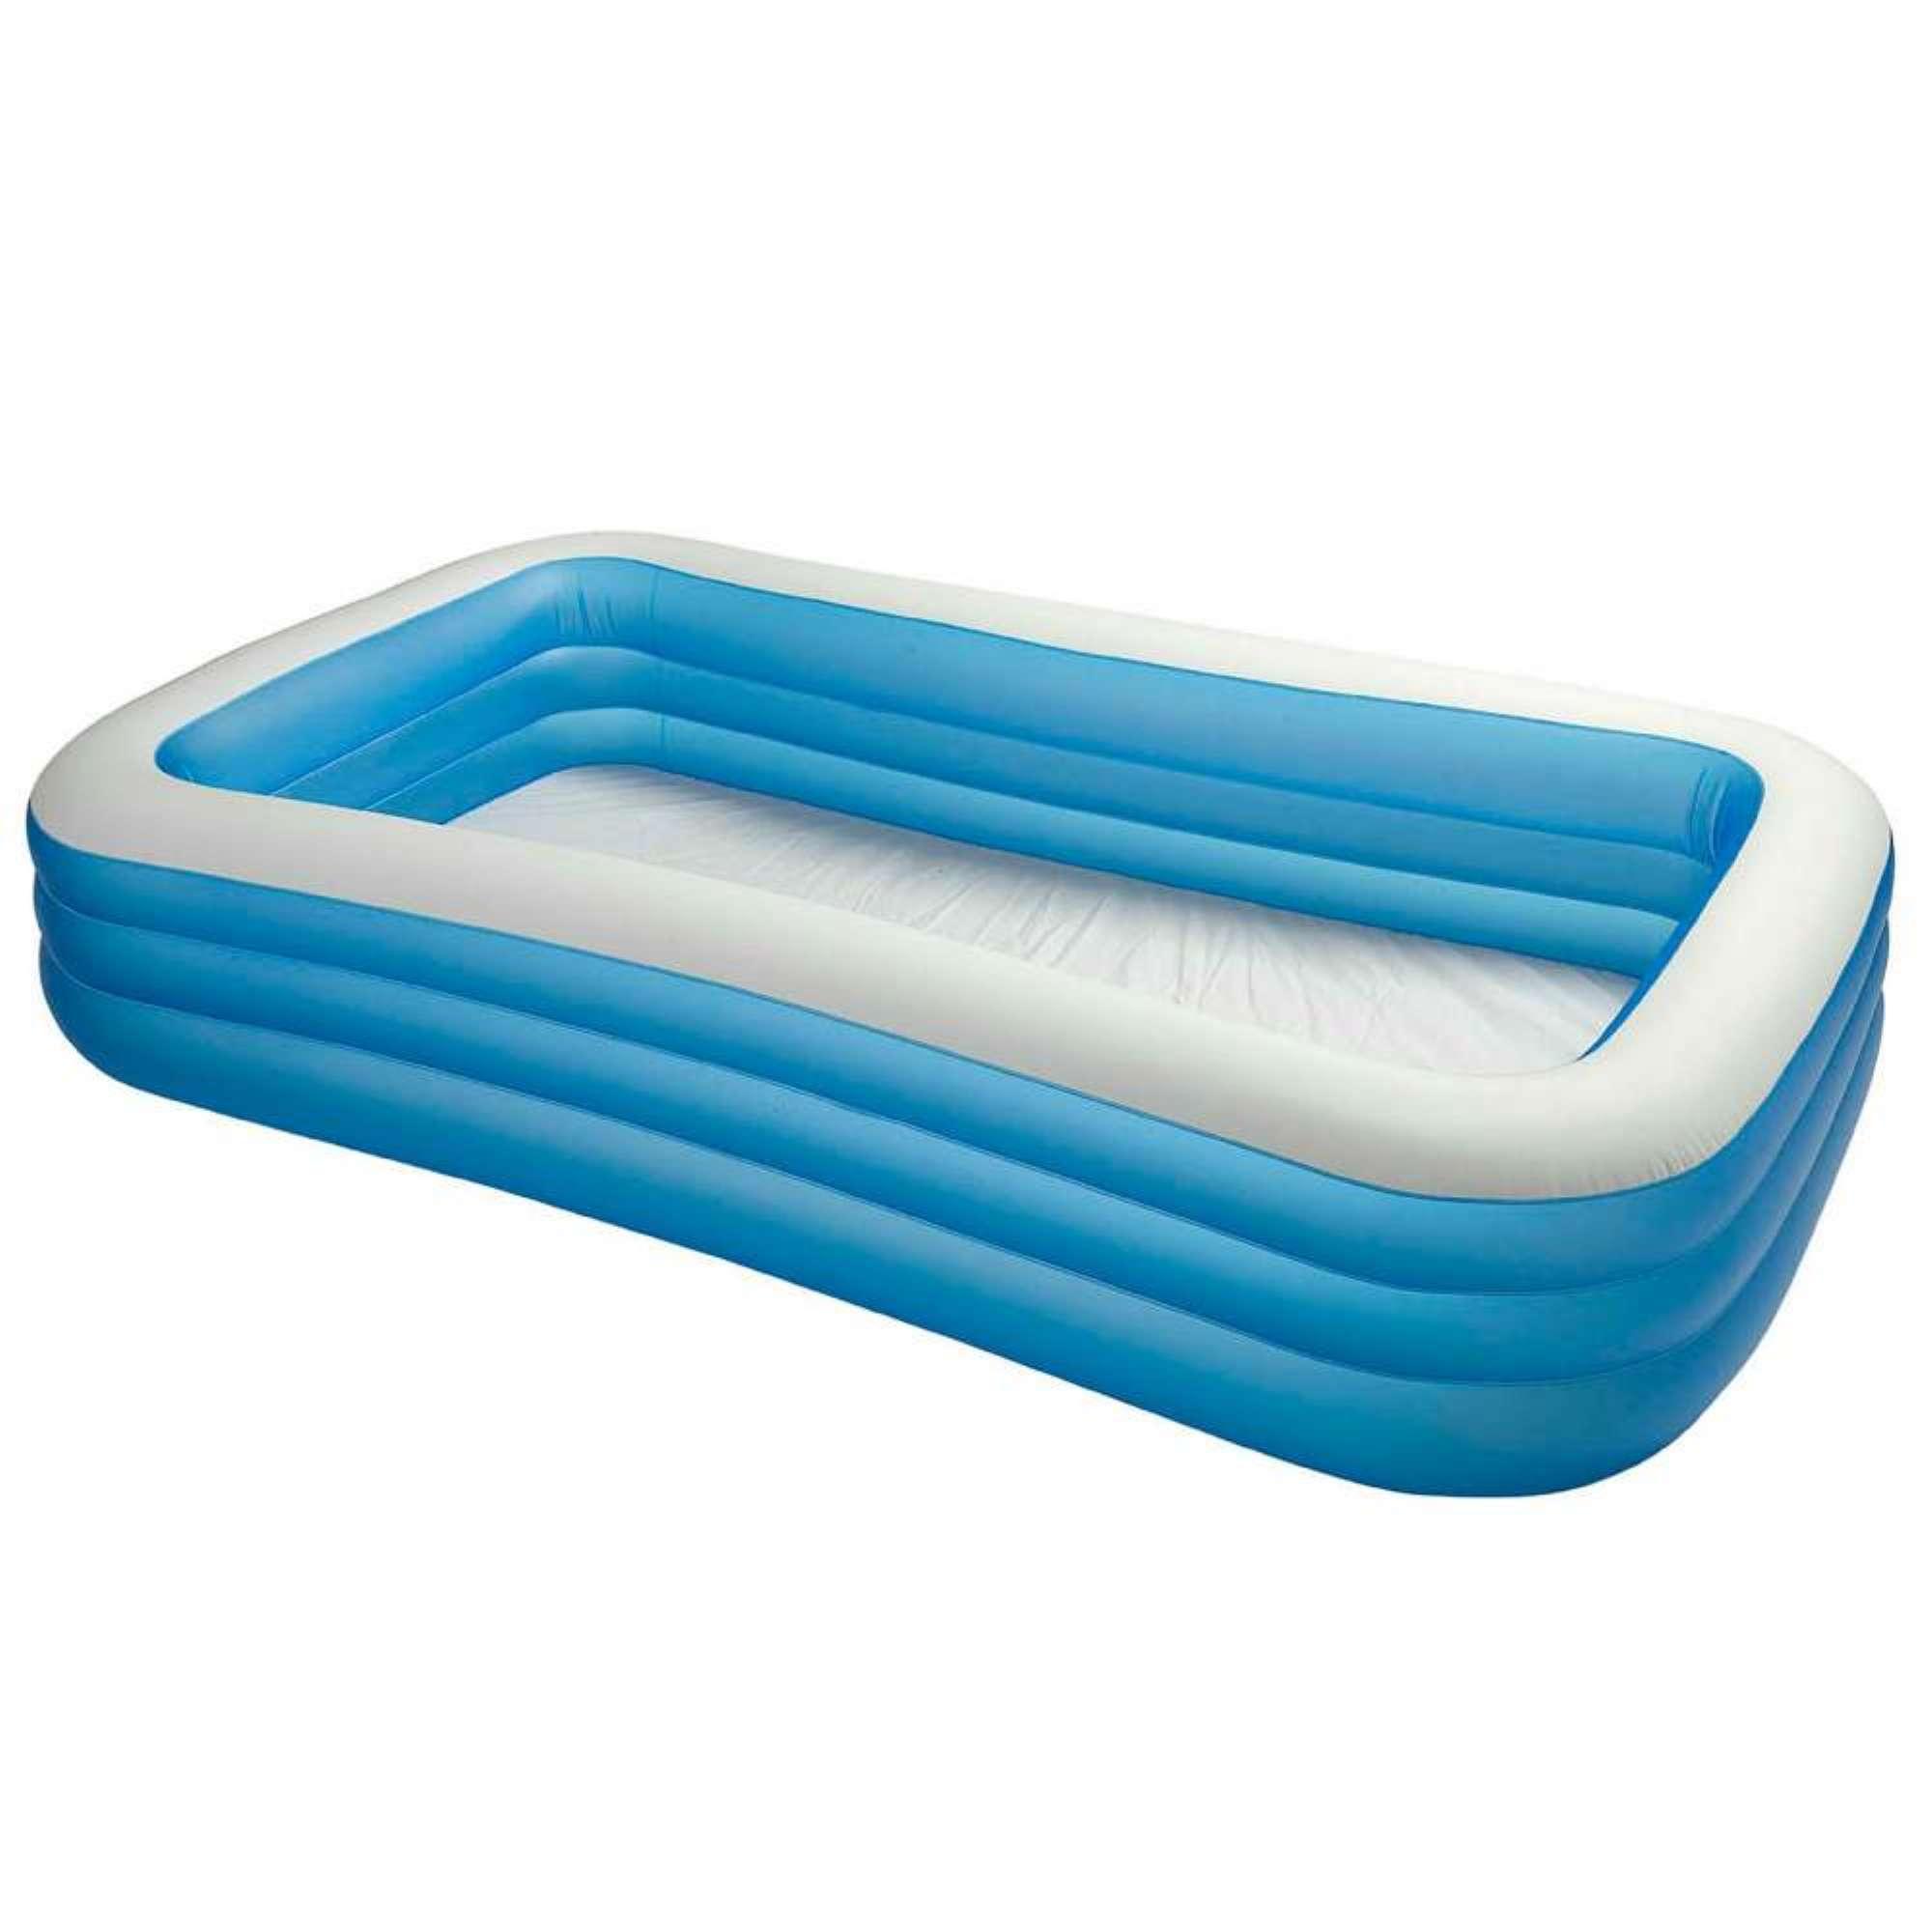 Quelle piscine gonflable acheter pour votre jardin le for Piscine acheter